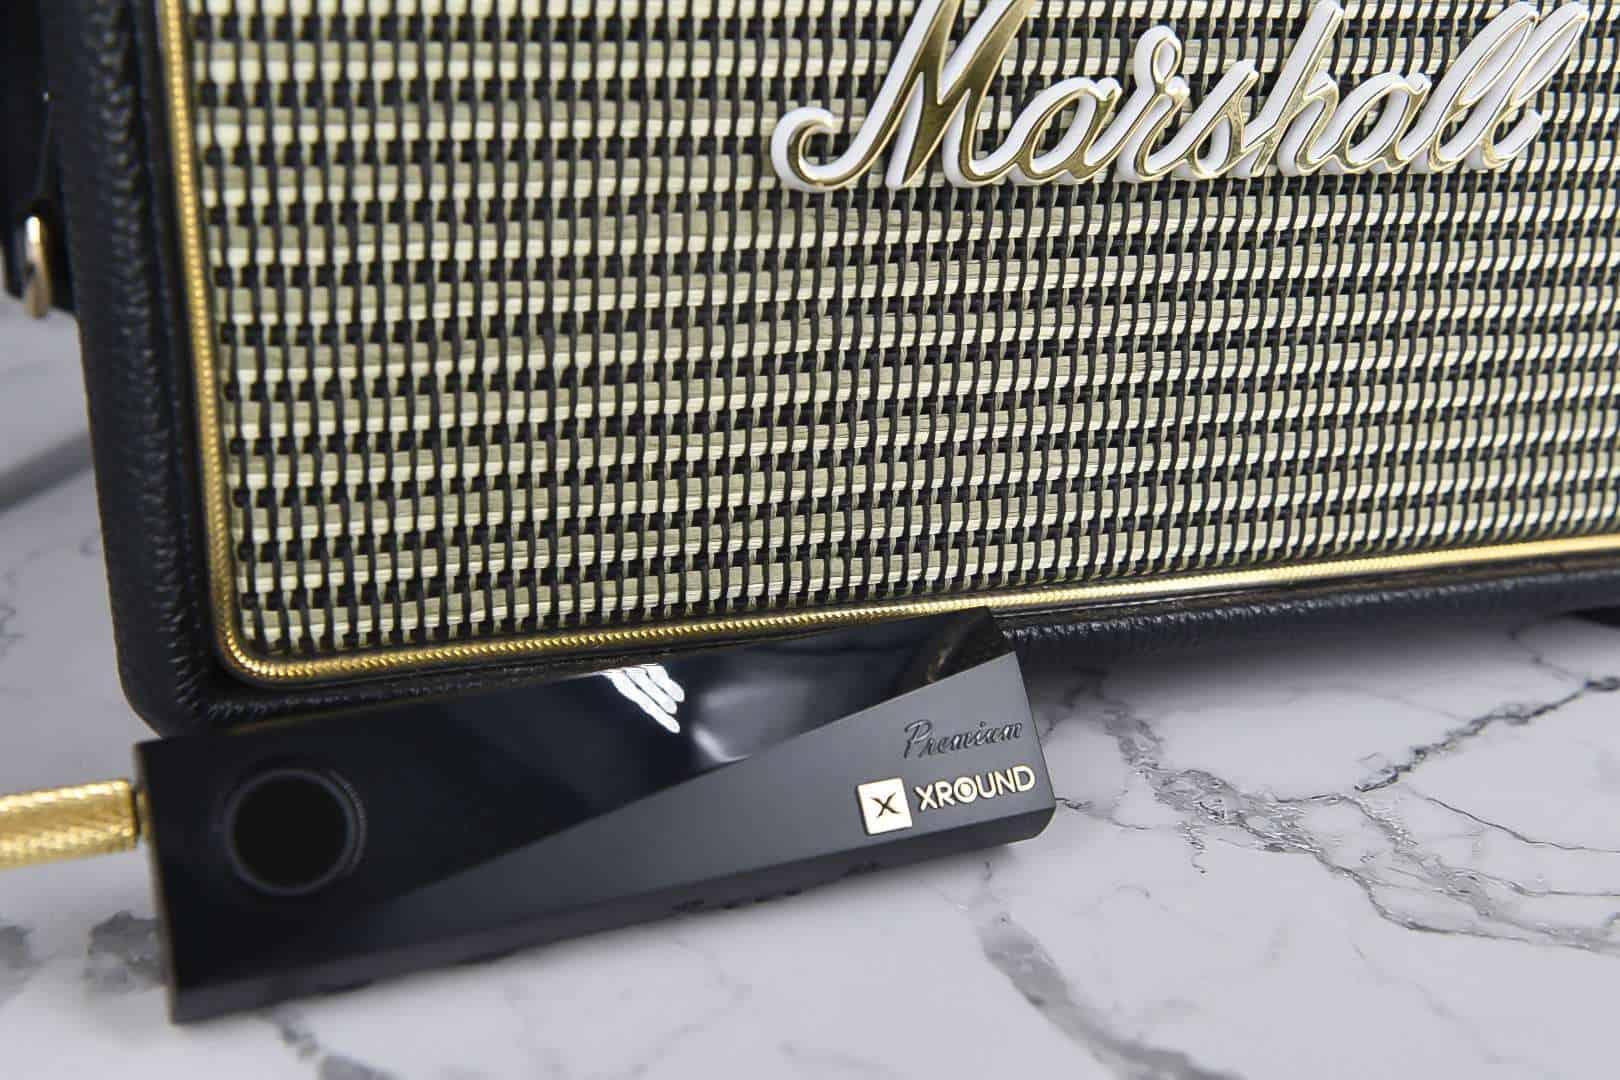 [開箱評測] XROUND 全新泛用型音效處理器 XPUMP premium-TechTeller (科技說)